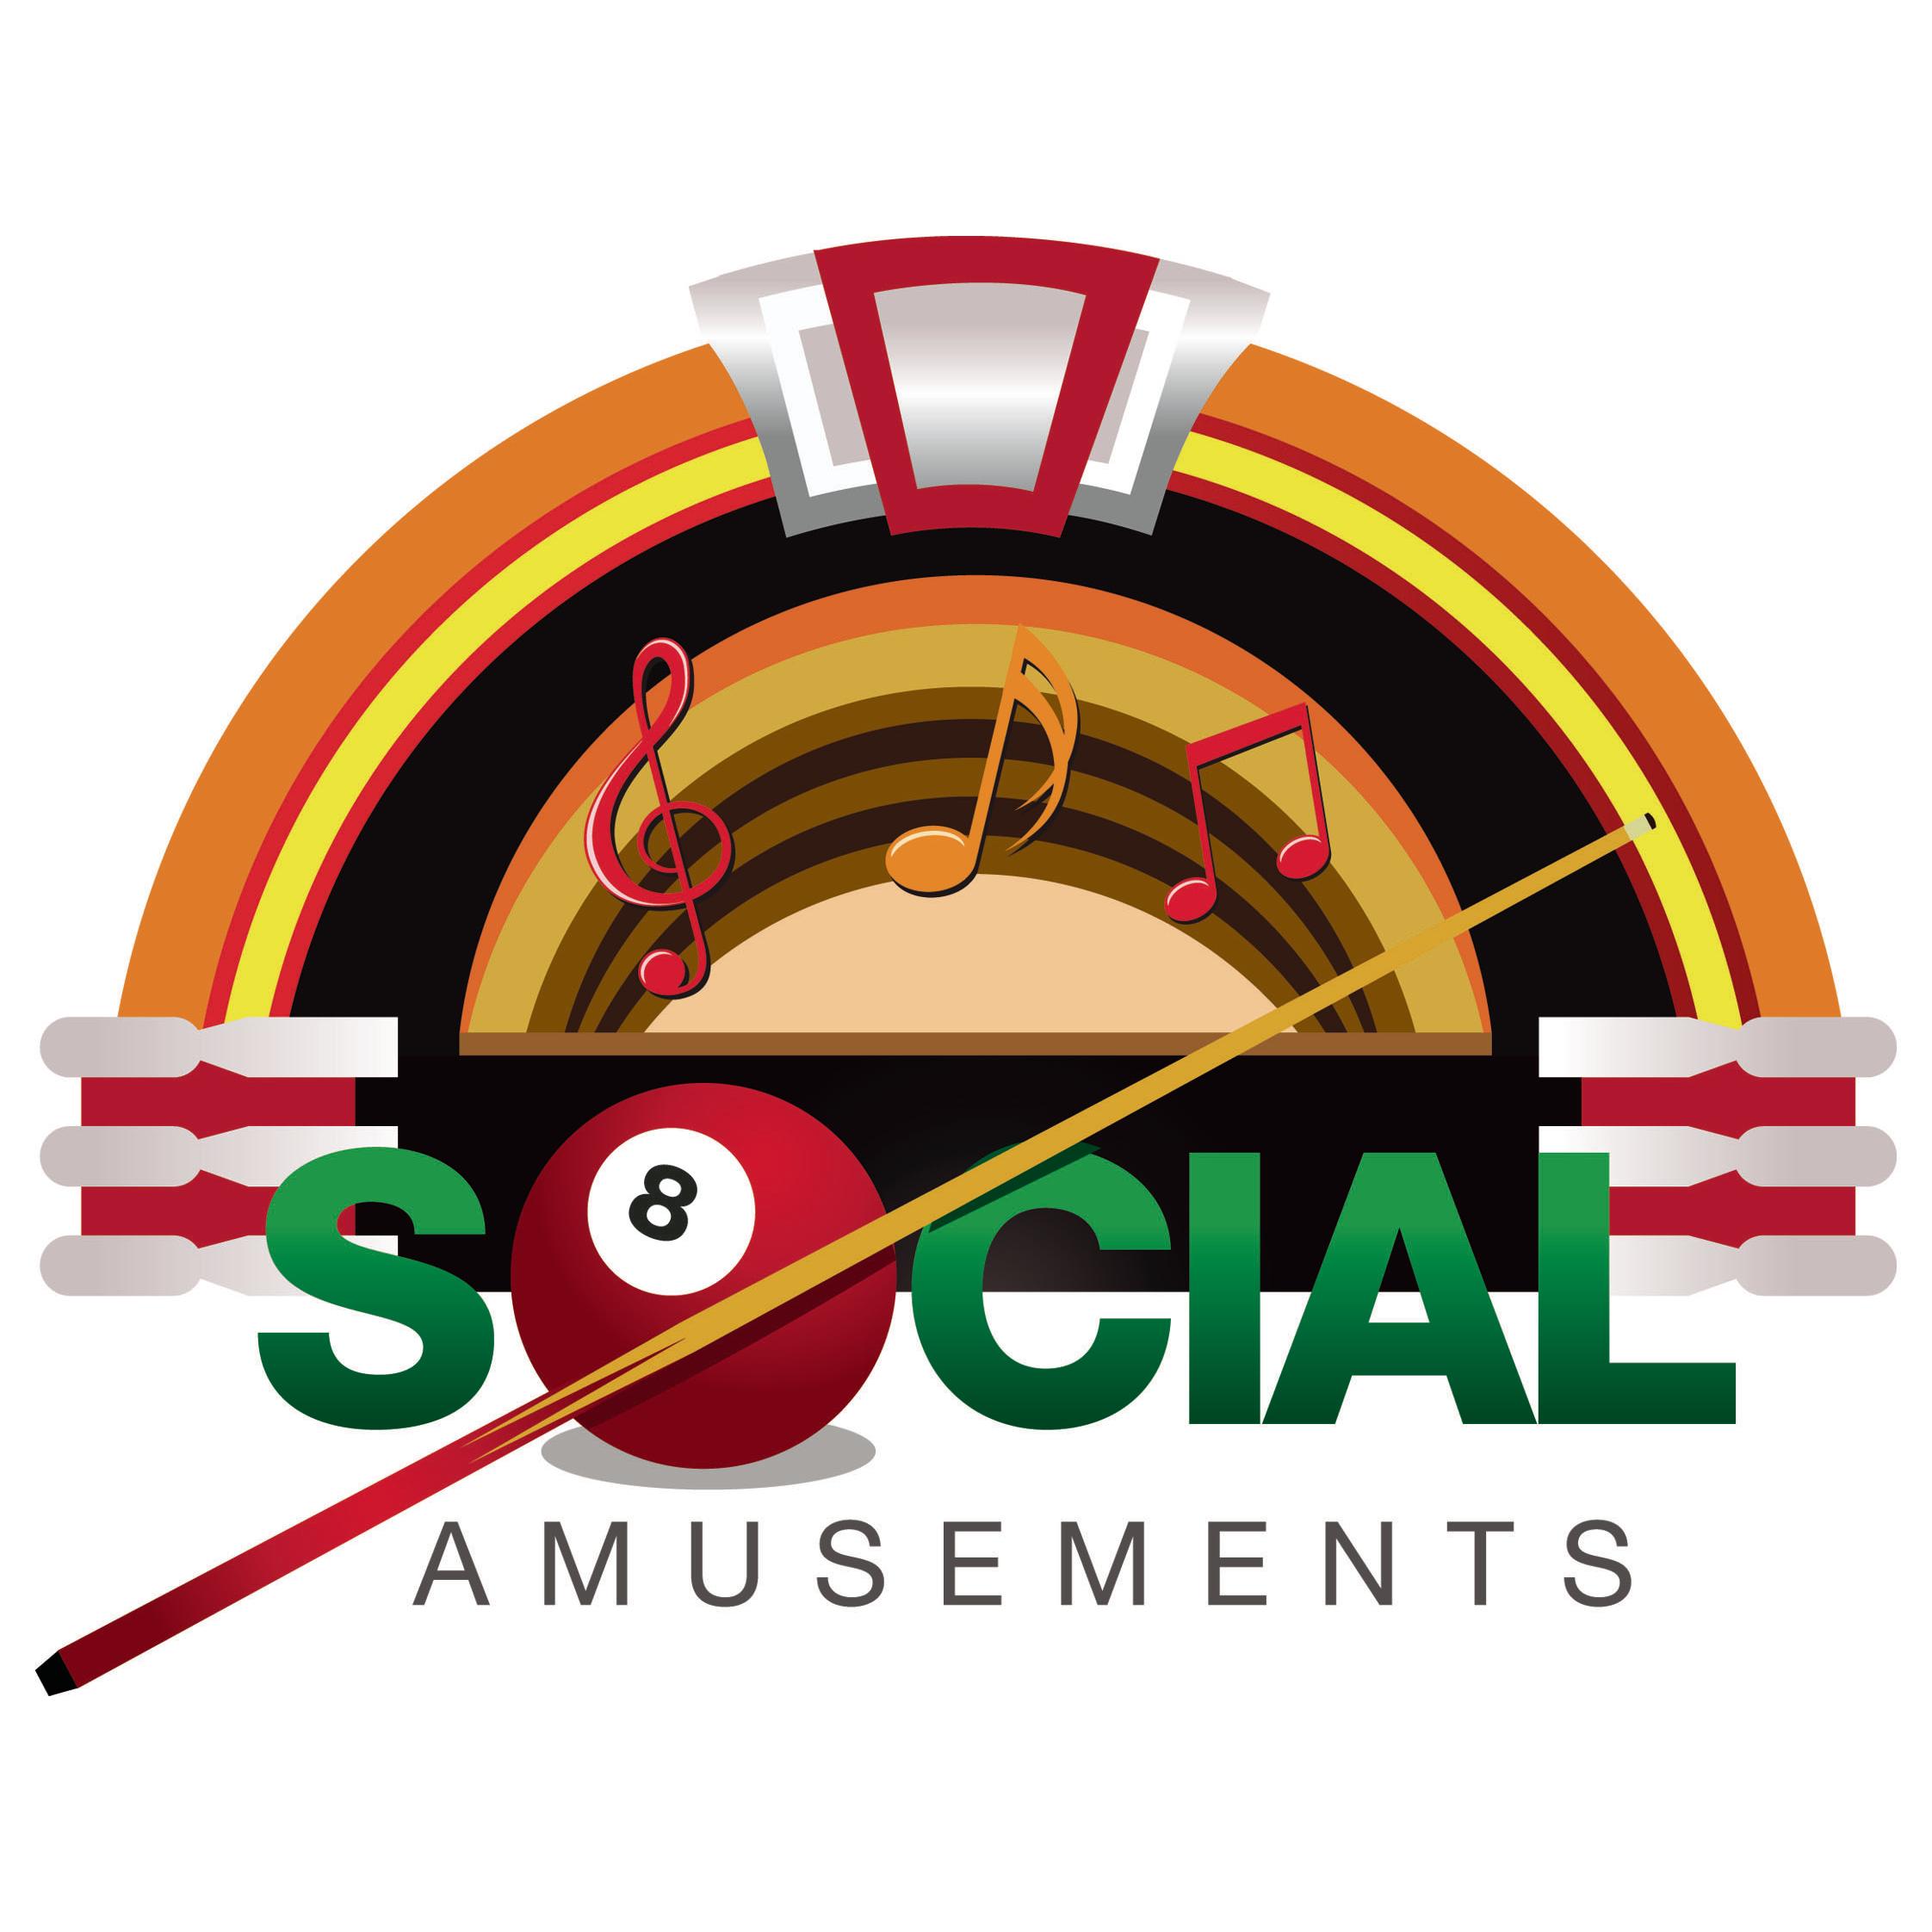 Social Amusements